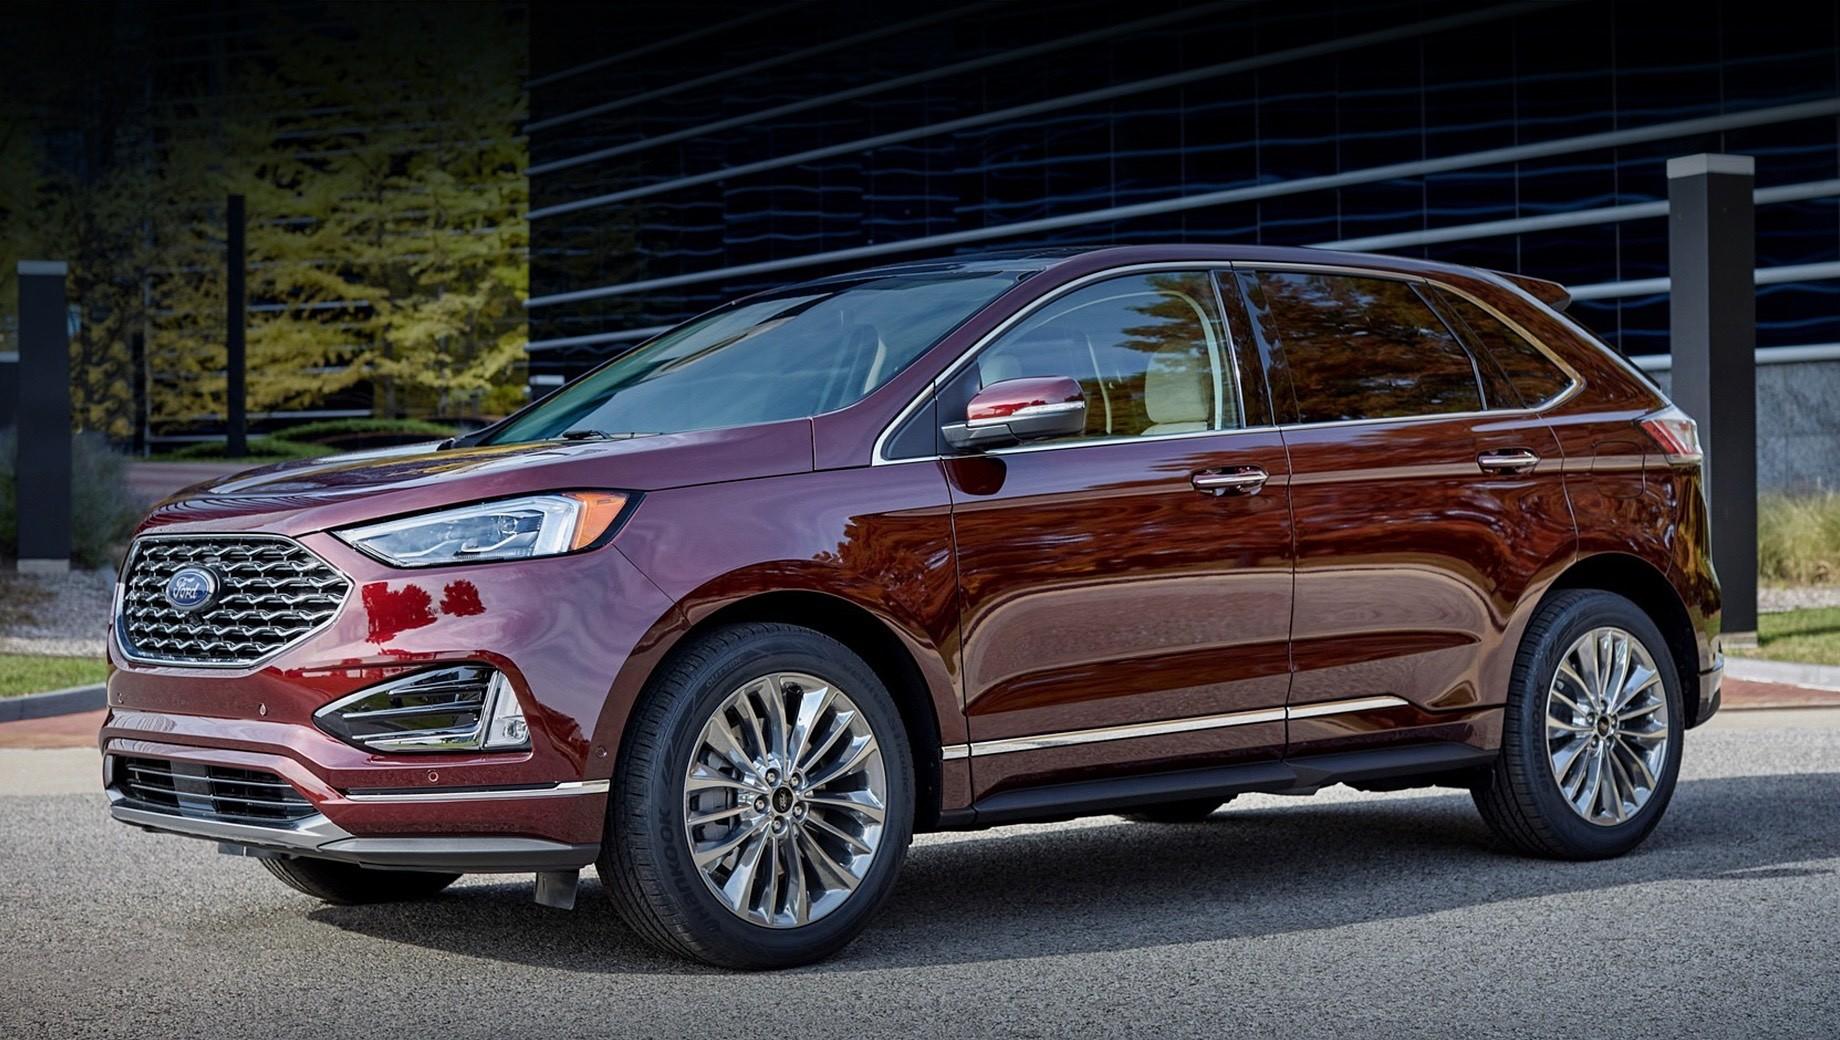 Ford edge. Продажи обновлённых пятидверок Ford Edge начнутся до конца 2020 года, а пока ещё продаются дорестайлинговые машины по цене от $31 100 до $43 265 (от 2,5 до 3,4 млн рублей).